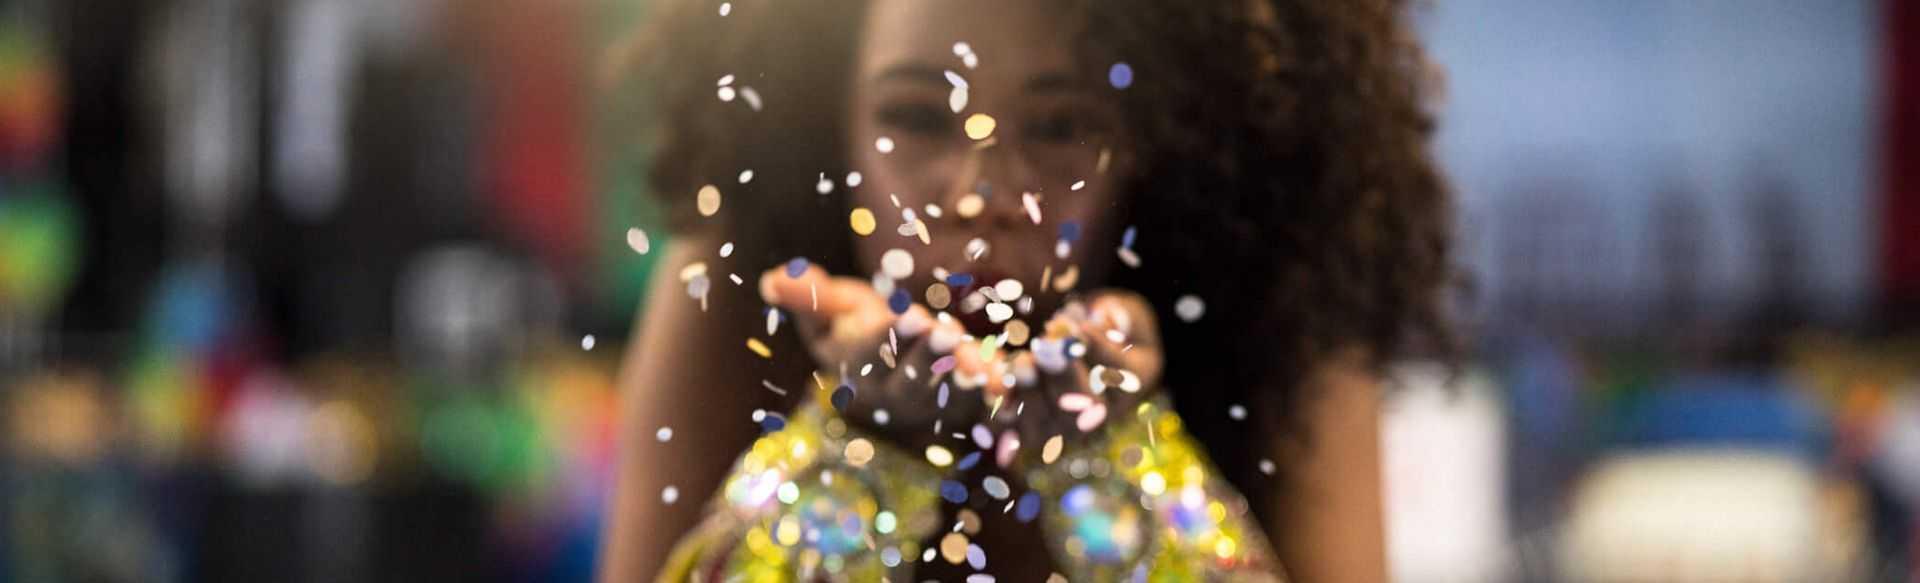 Decoração de carnaval: 12 dicas para preparar a casa para a festa